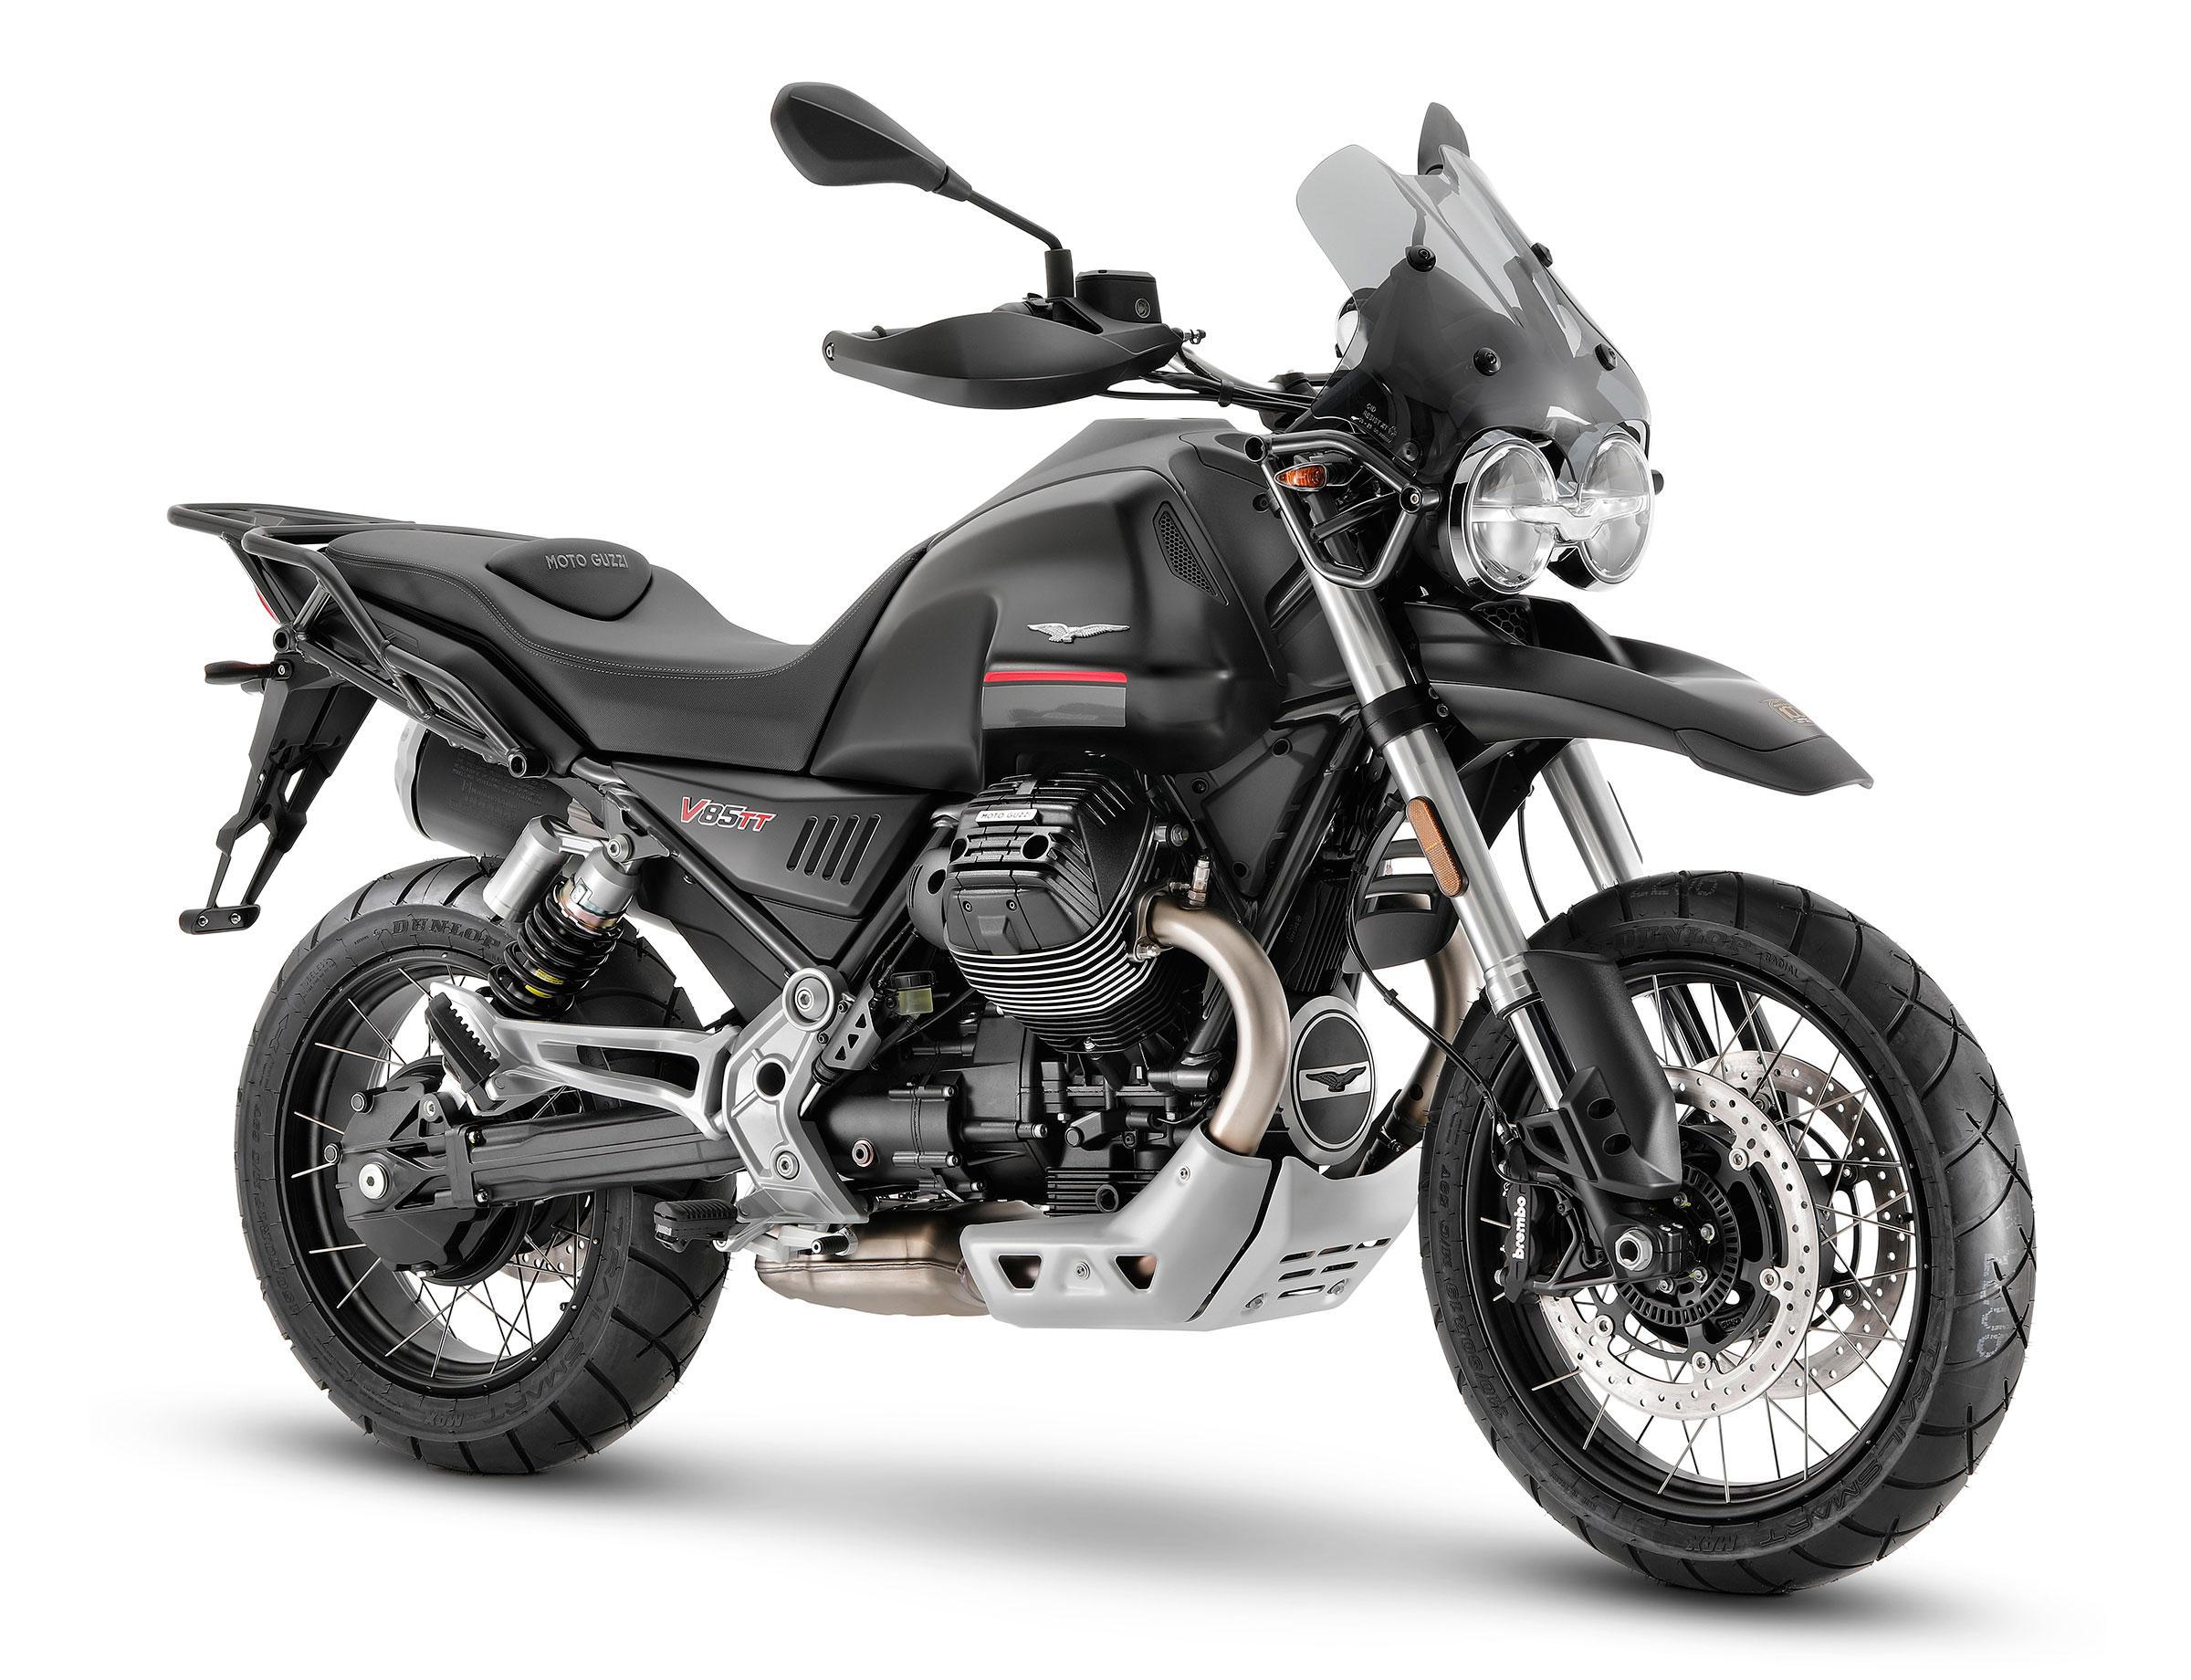 Moto Guzzi fête son siècle avec une mise à jour de la V85 TT – Actu Moto